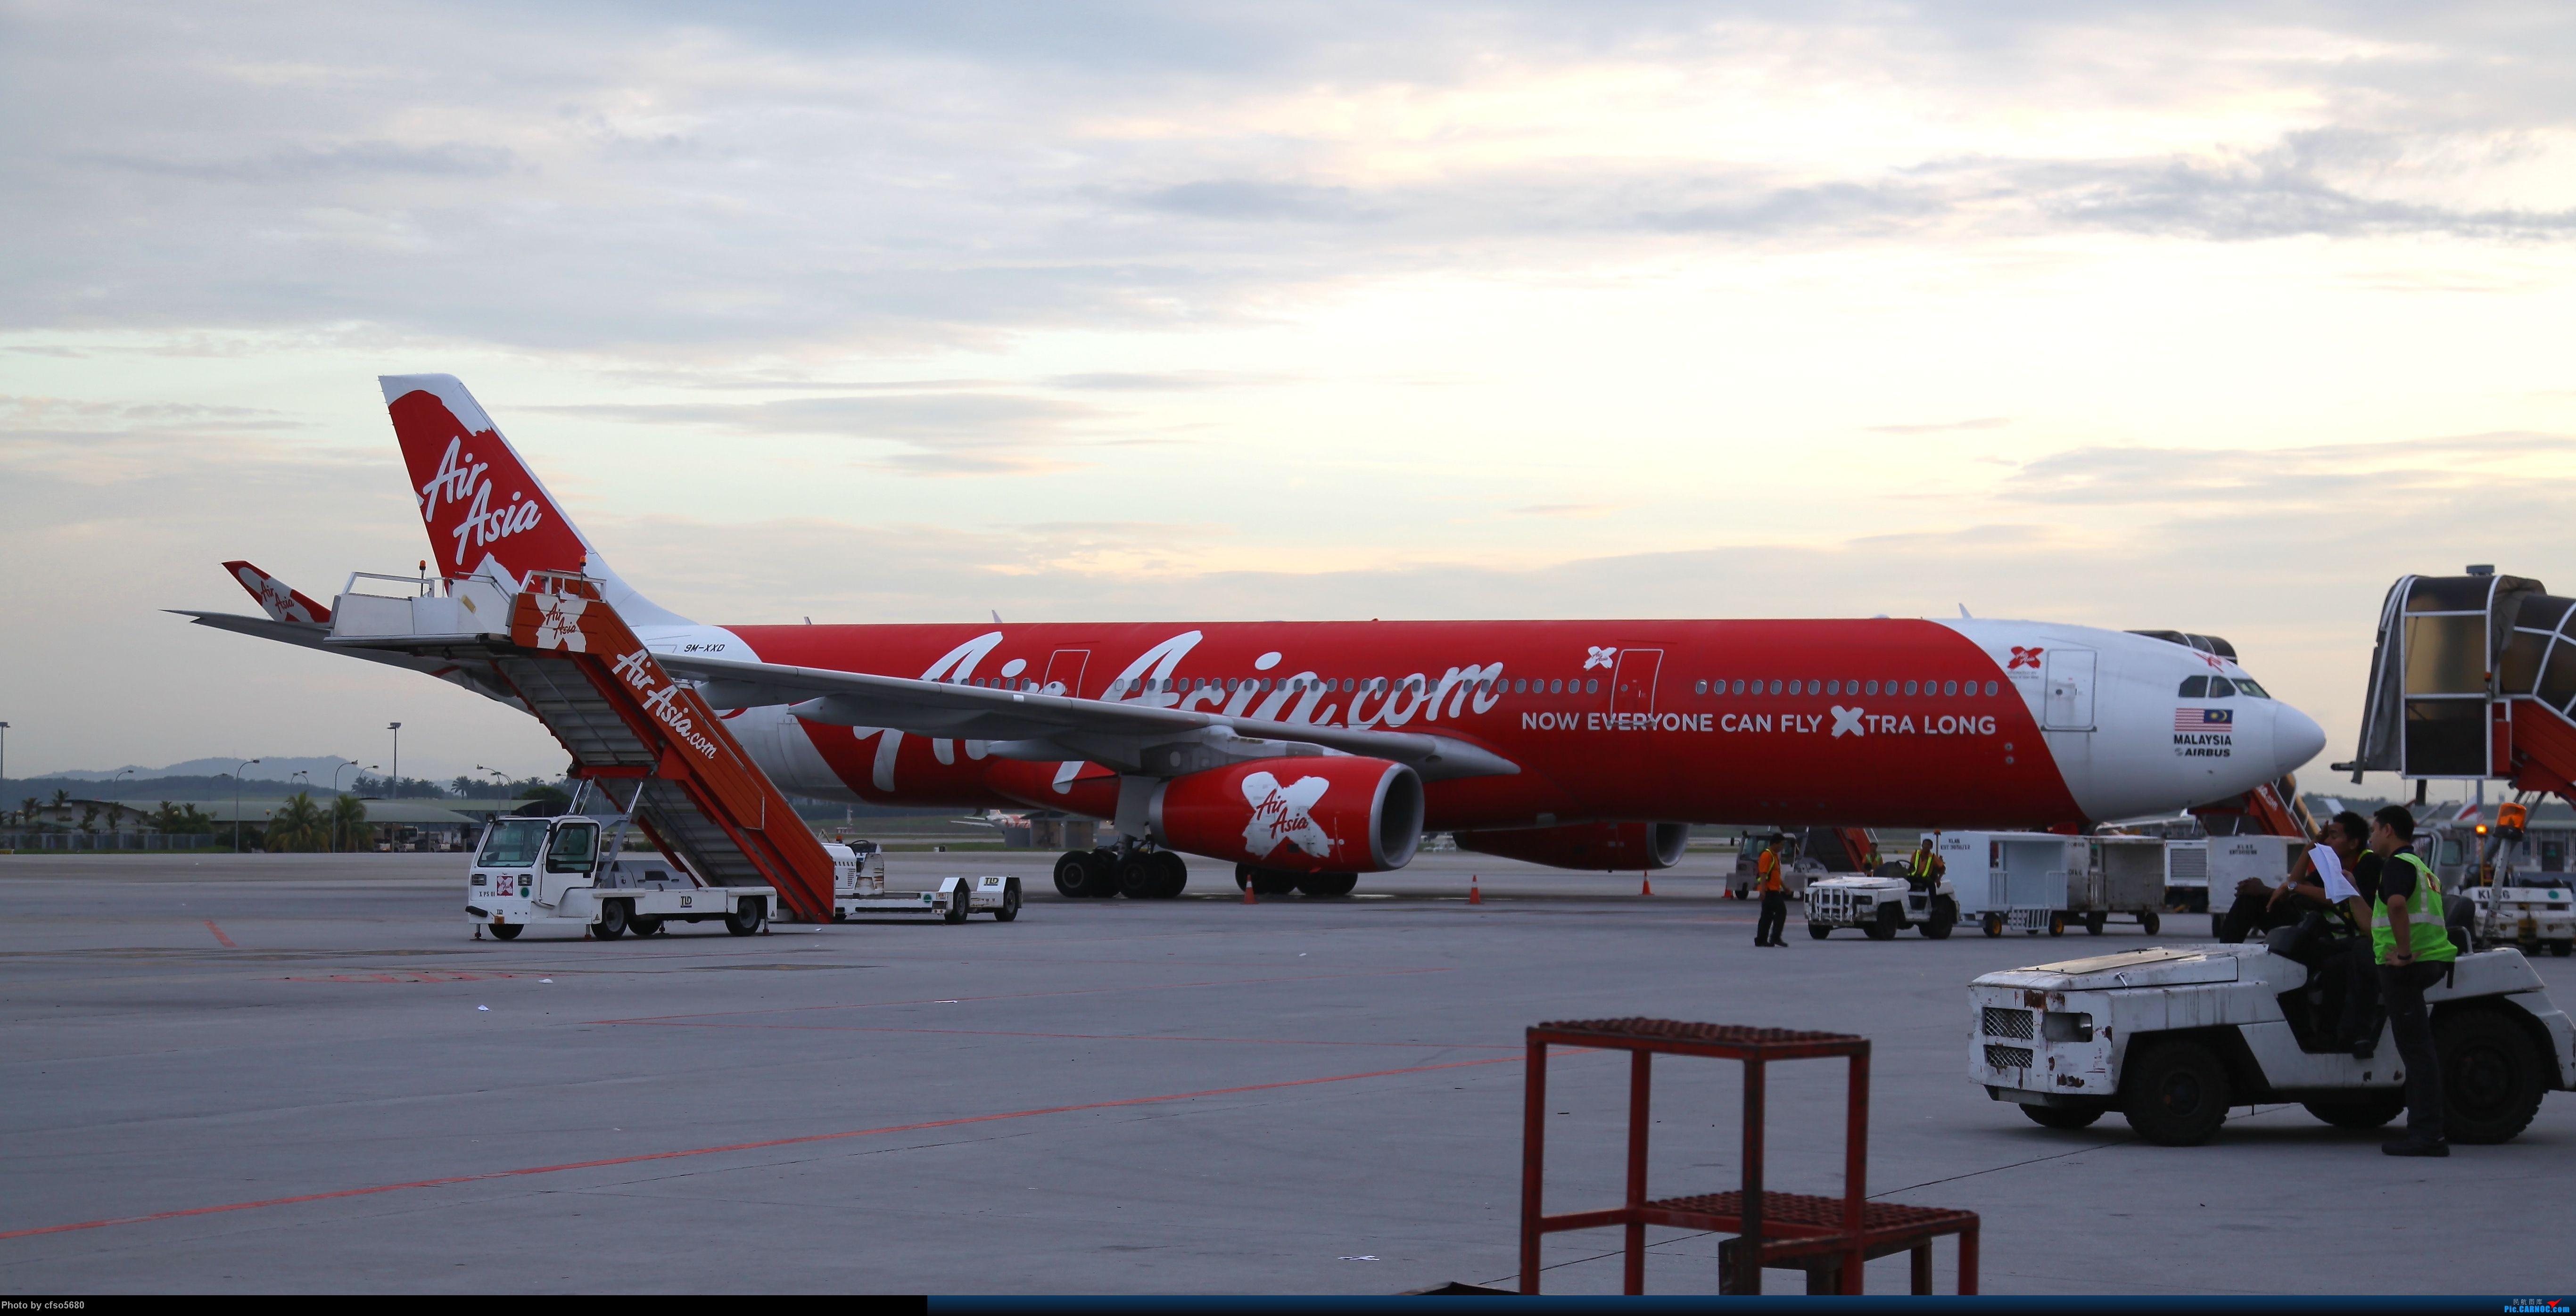 Re:2013大马拍机之旅,有彩绘、有380,飞机多多,惊喜多多。 AIRBUS A330-200 9M-XXD LCCT